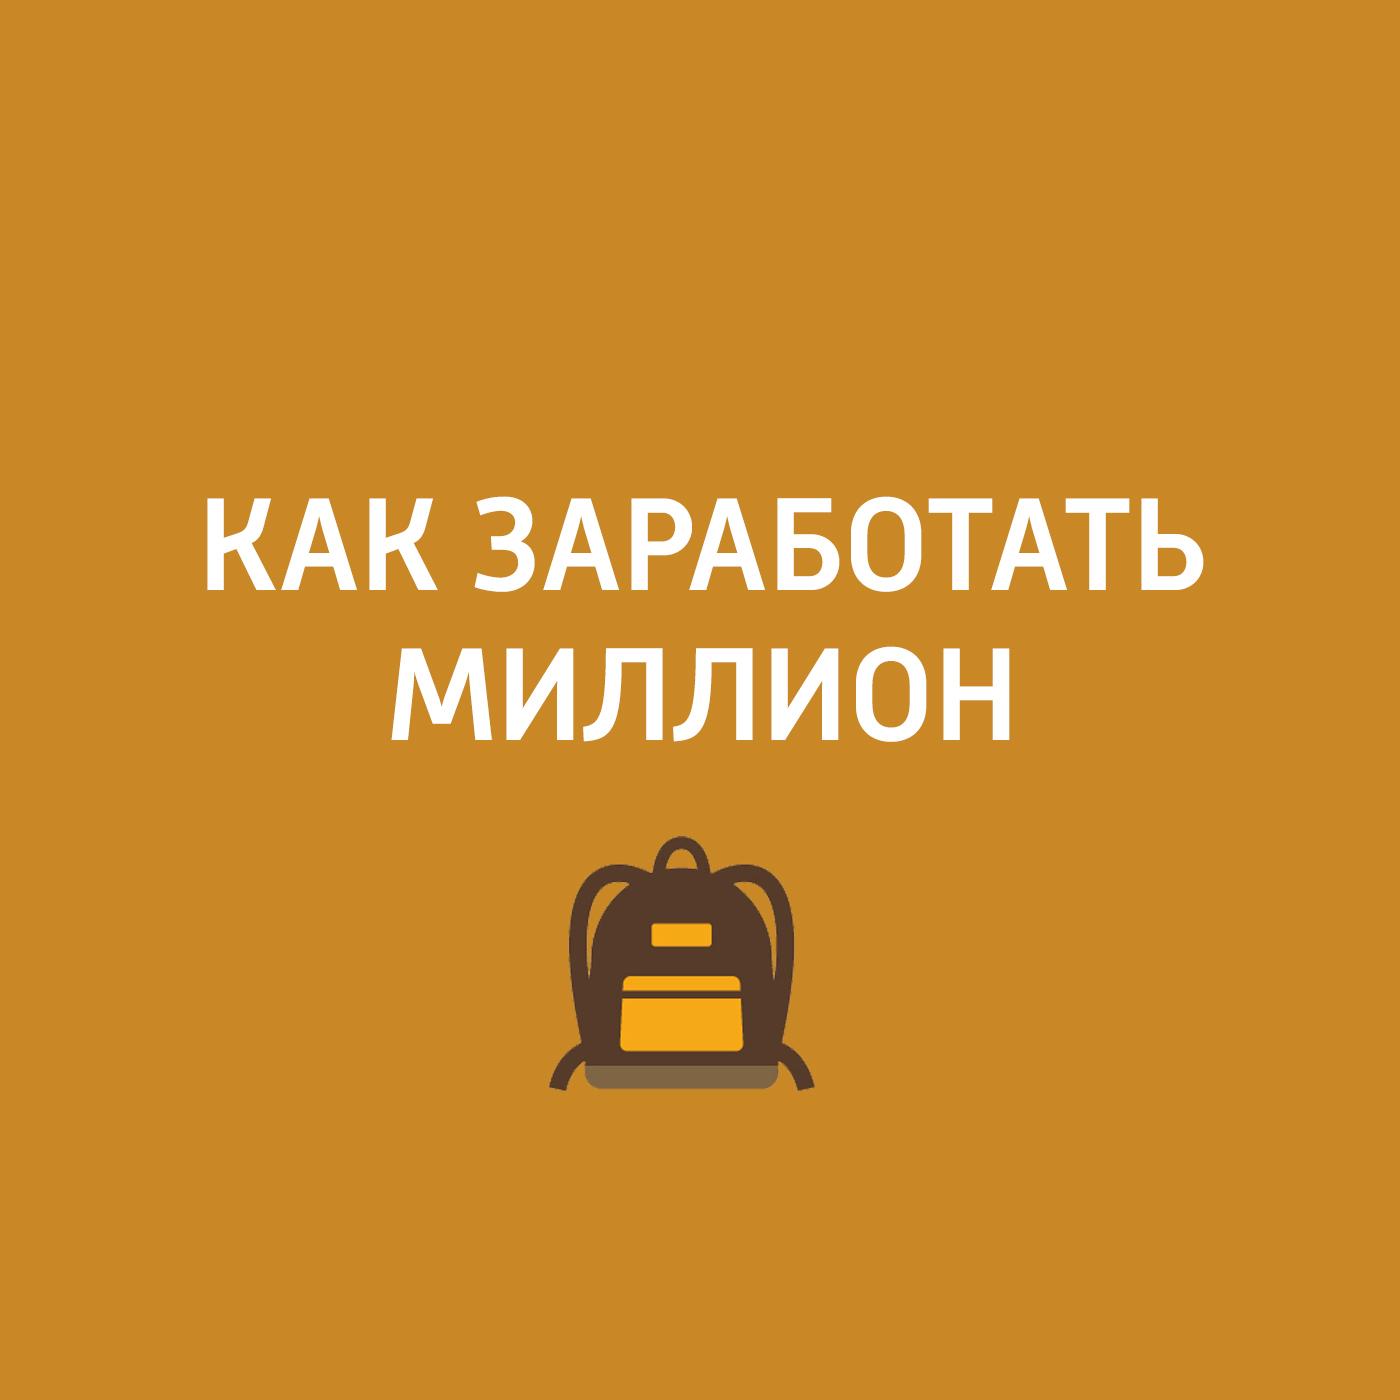 Творческий коллектив шоу «Сергей Стиллавин и его друзья» Проект Сделано заказать авиабилеты цены